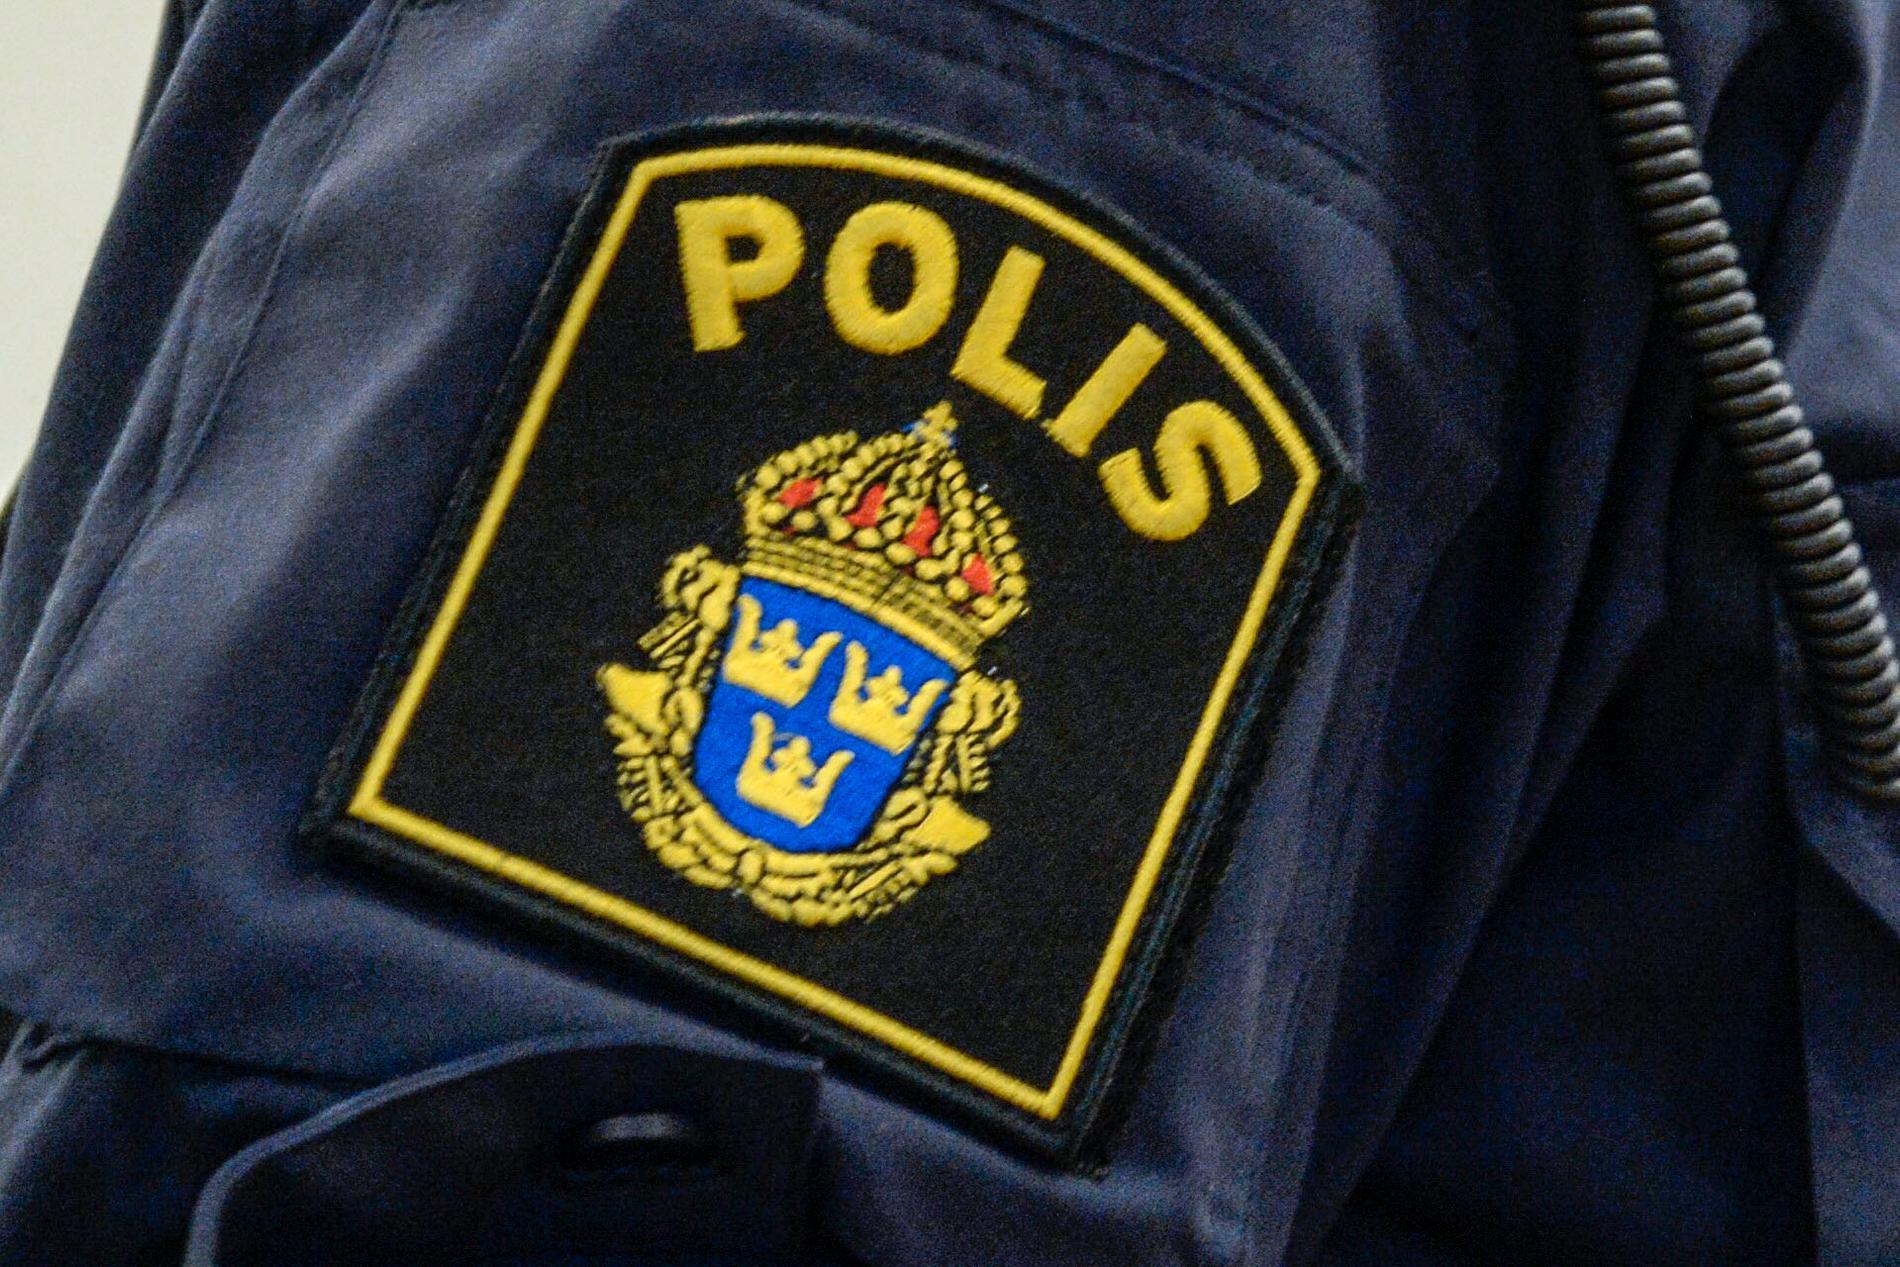 En häst har hittats död på en gård i Jönköpings län. Hästen saknade ett öga och ett öra när den hittades. Arkivbild.